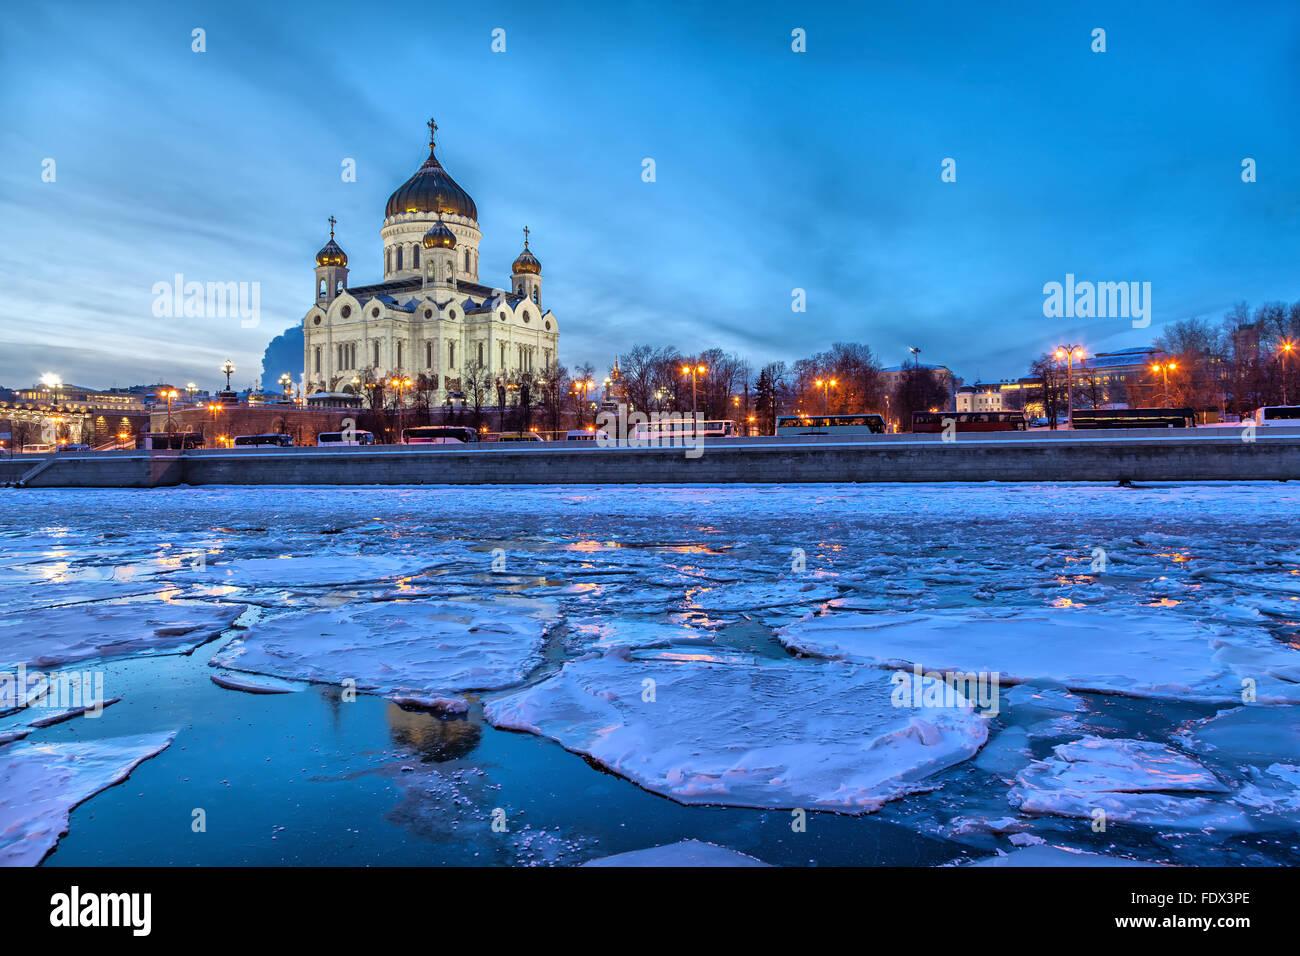 Sur la banquise de la rivière de Moscou avec la Cathédrale du Christ Sauveur sur l'arrière-plan sur une soirée d'hiver, Banque D'Images